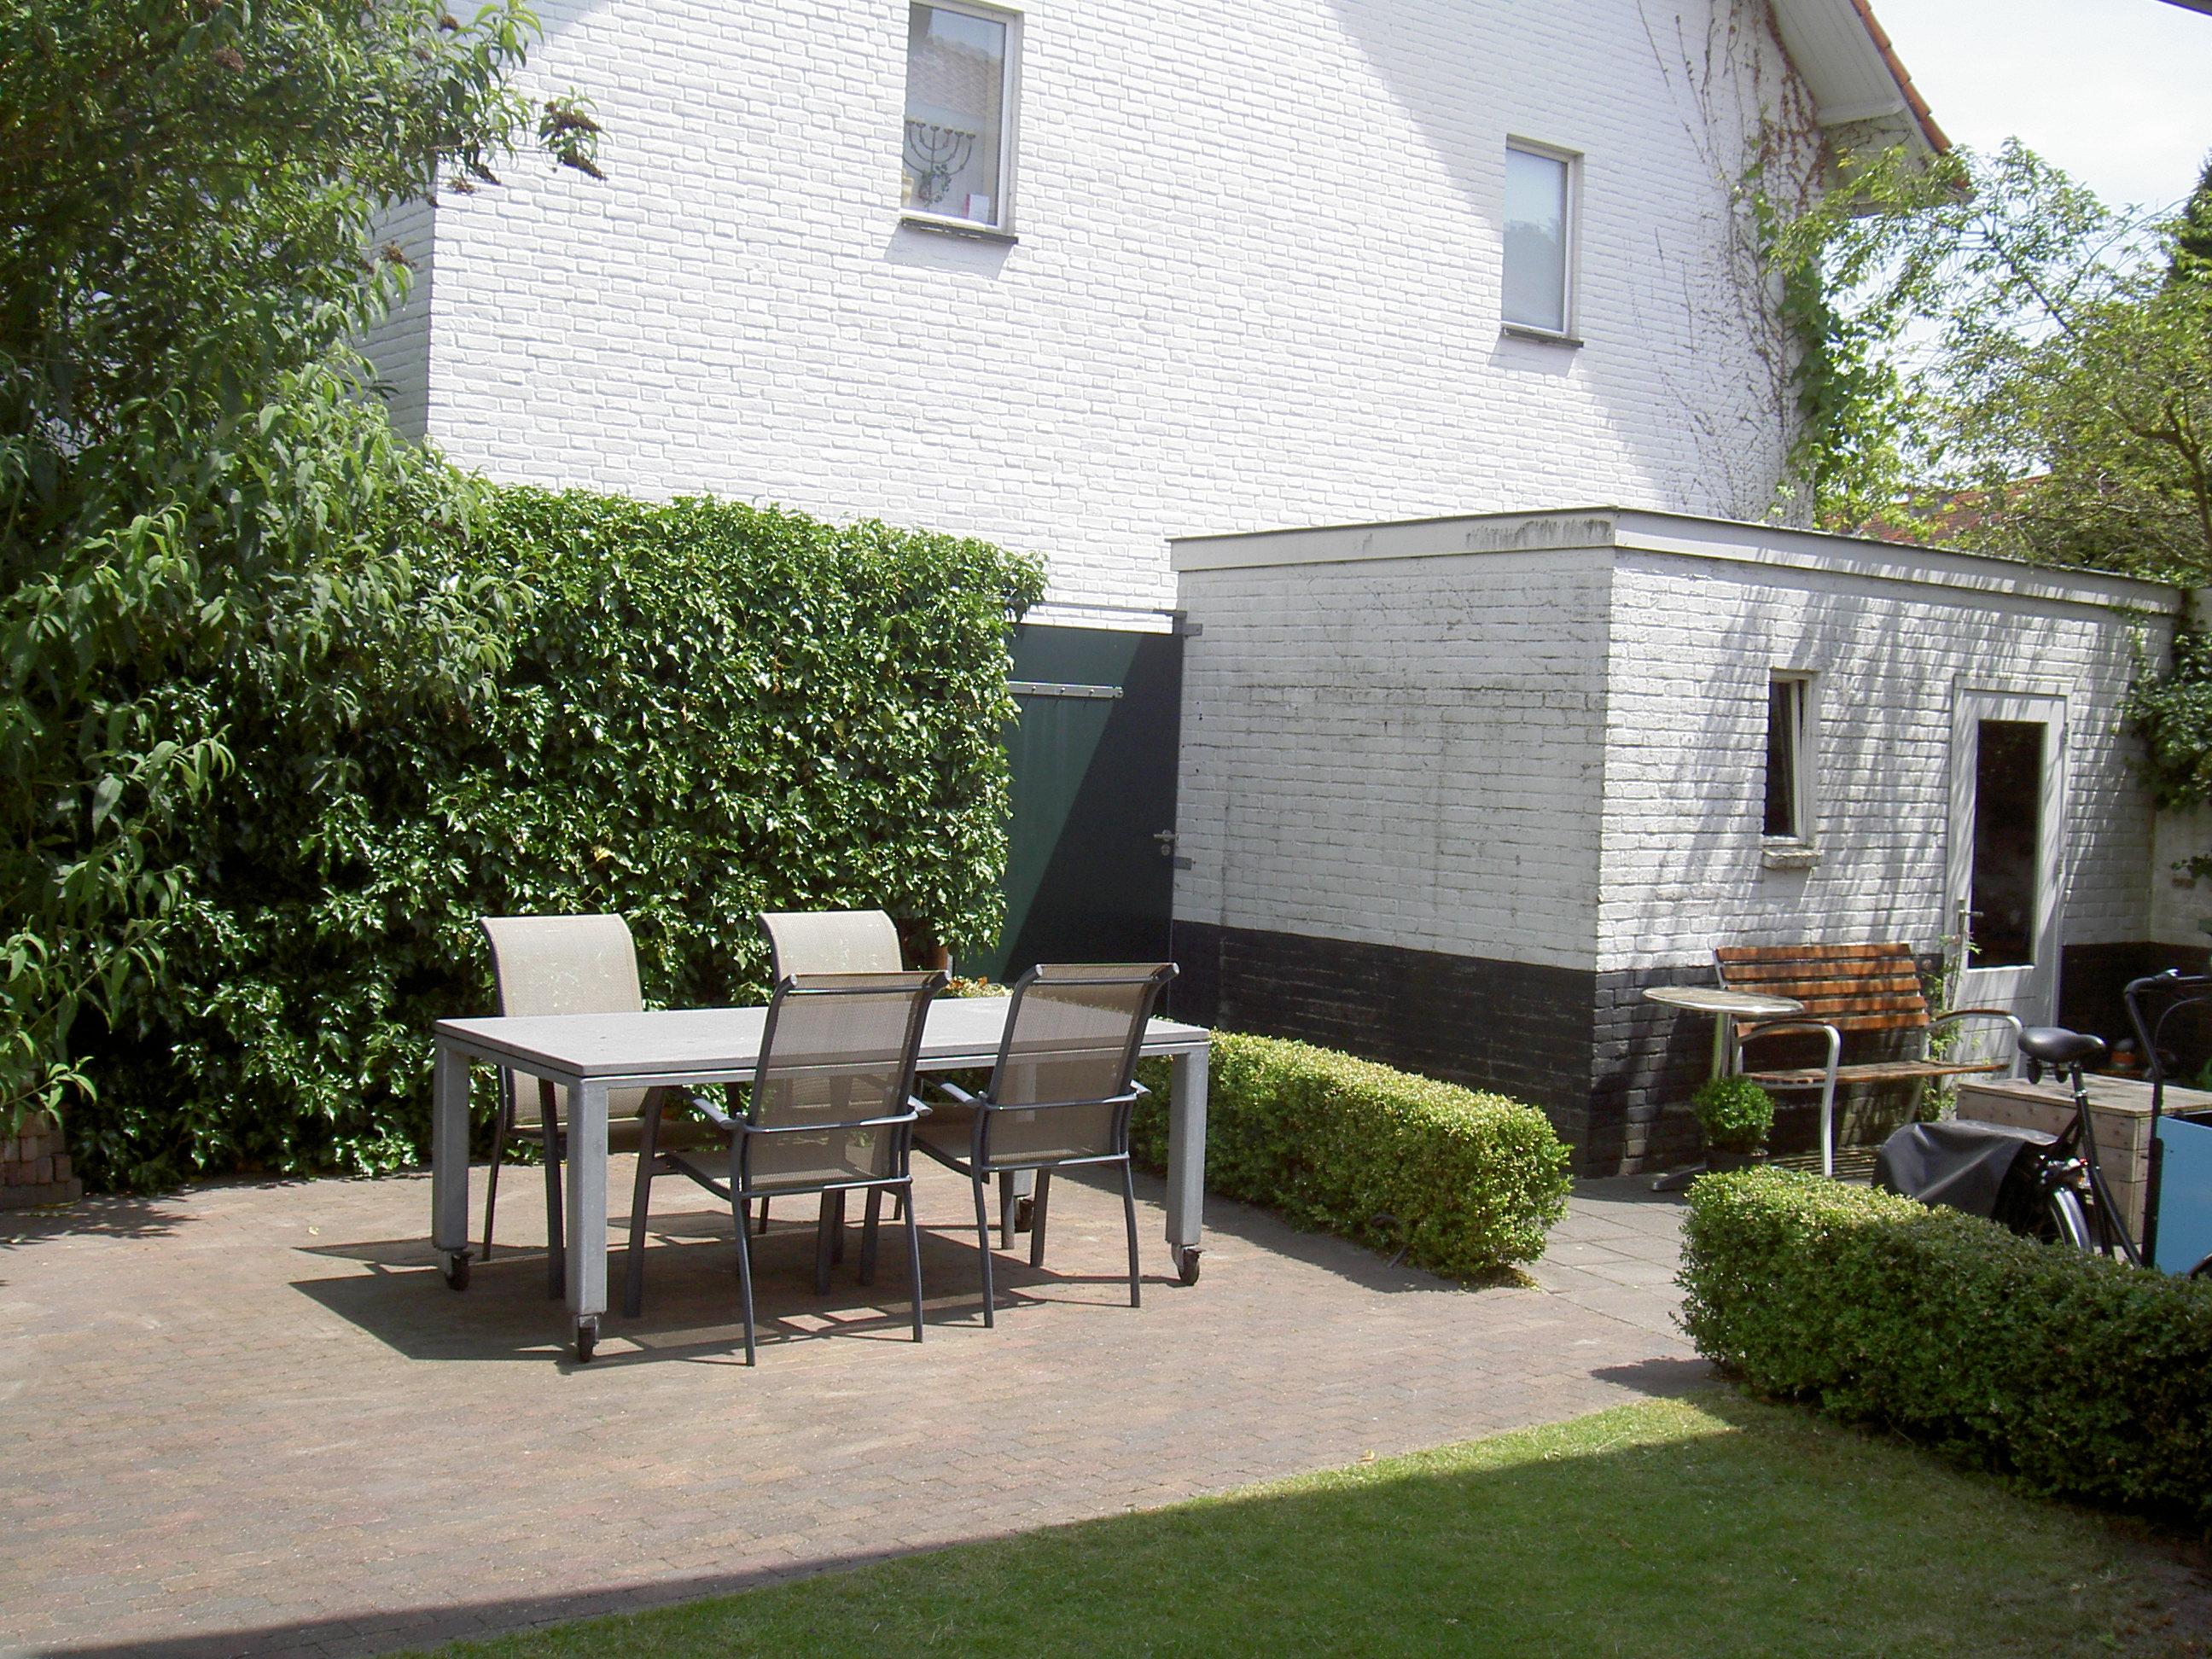 Tuin Burghstraat - Onderkeldering woonhuis Witte Dorp, Eindhoven - BEELEN CS architecten Eindhoven